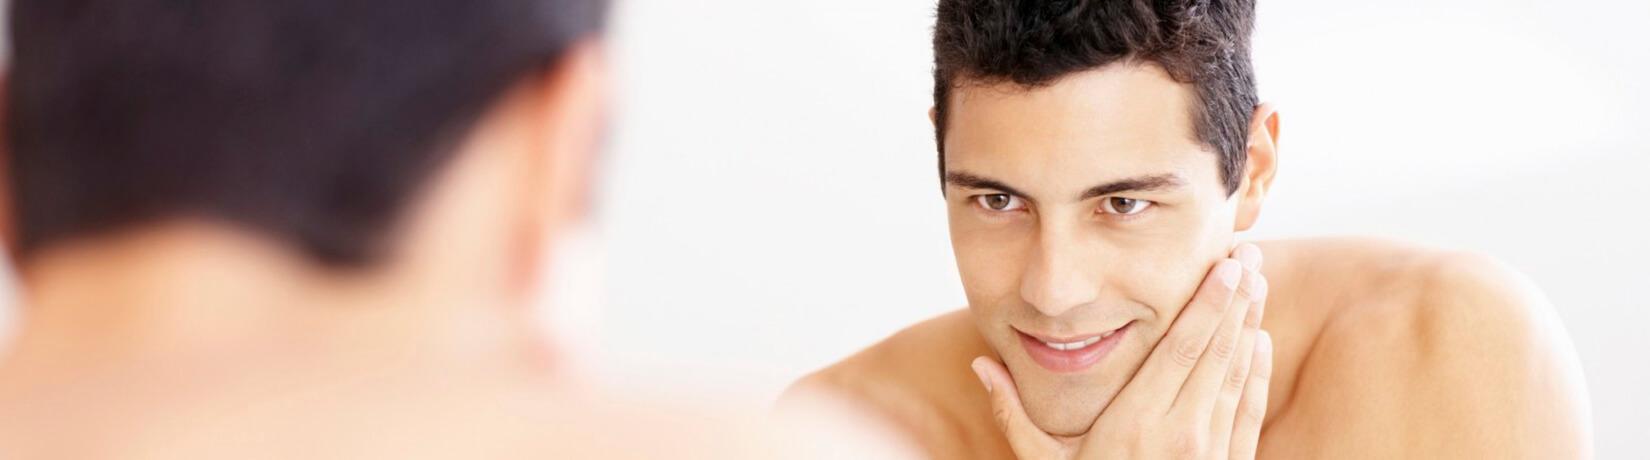 Догляд для чоловіків Крем універсальний чоловічий